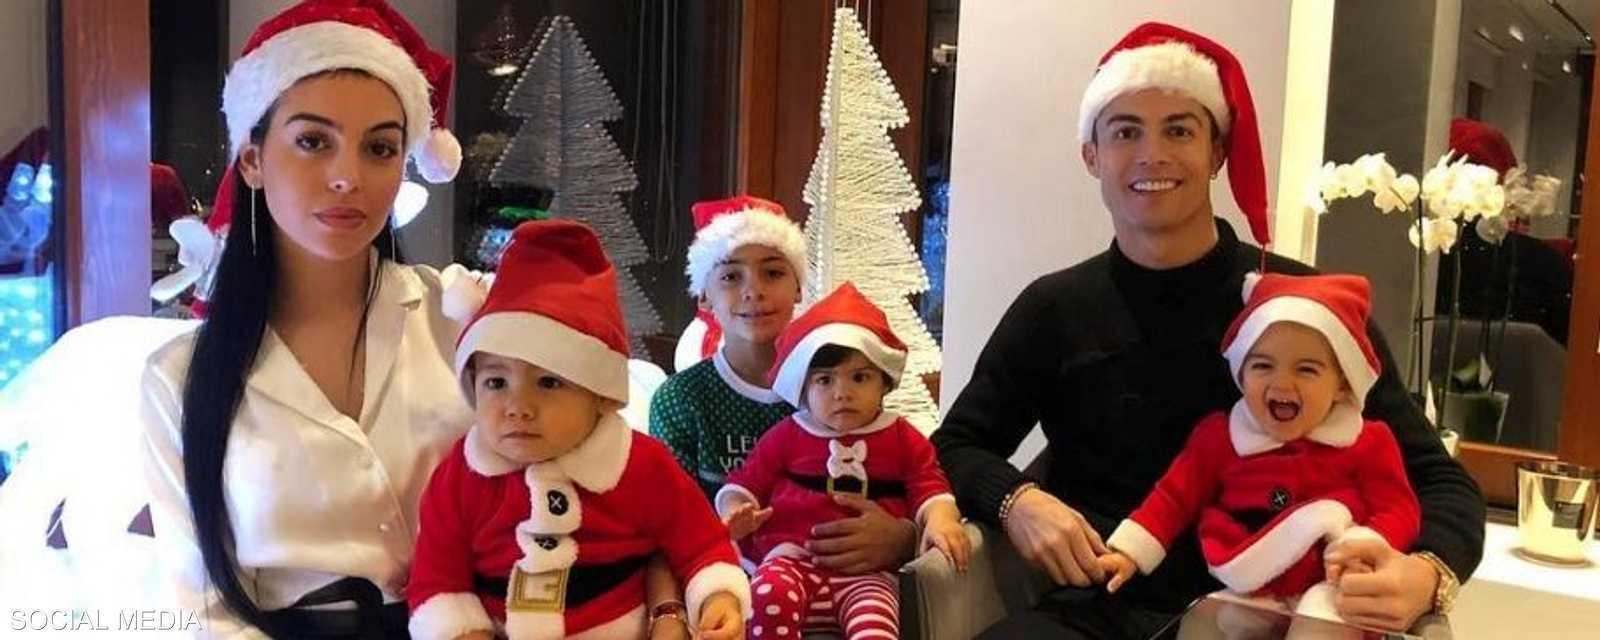 رونالدو وعائلته الصغيرة